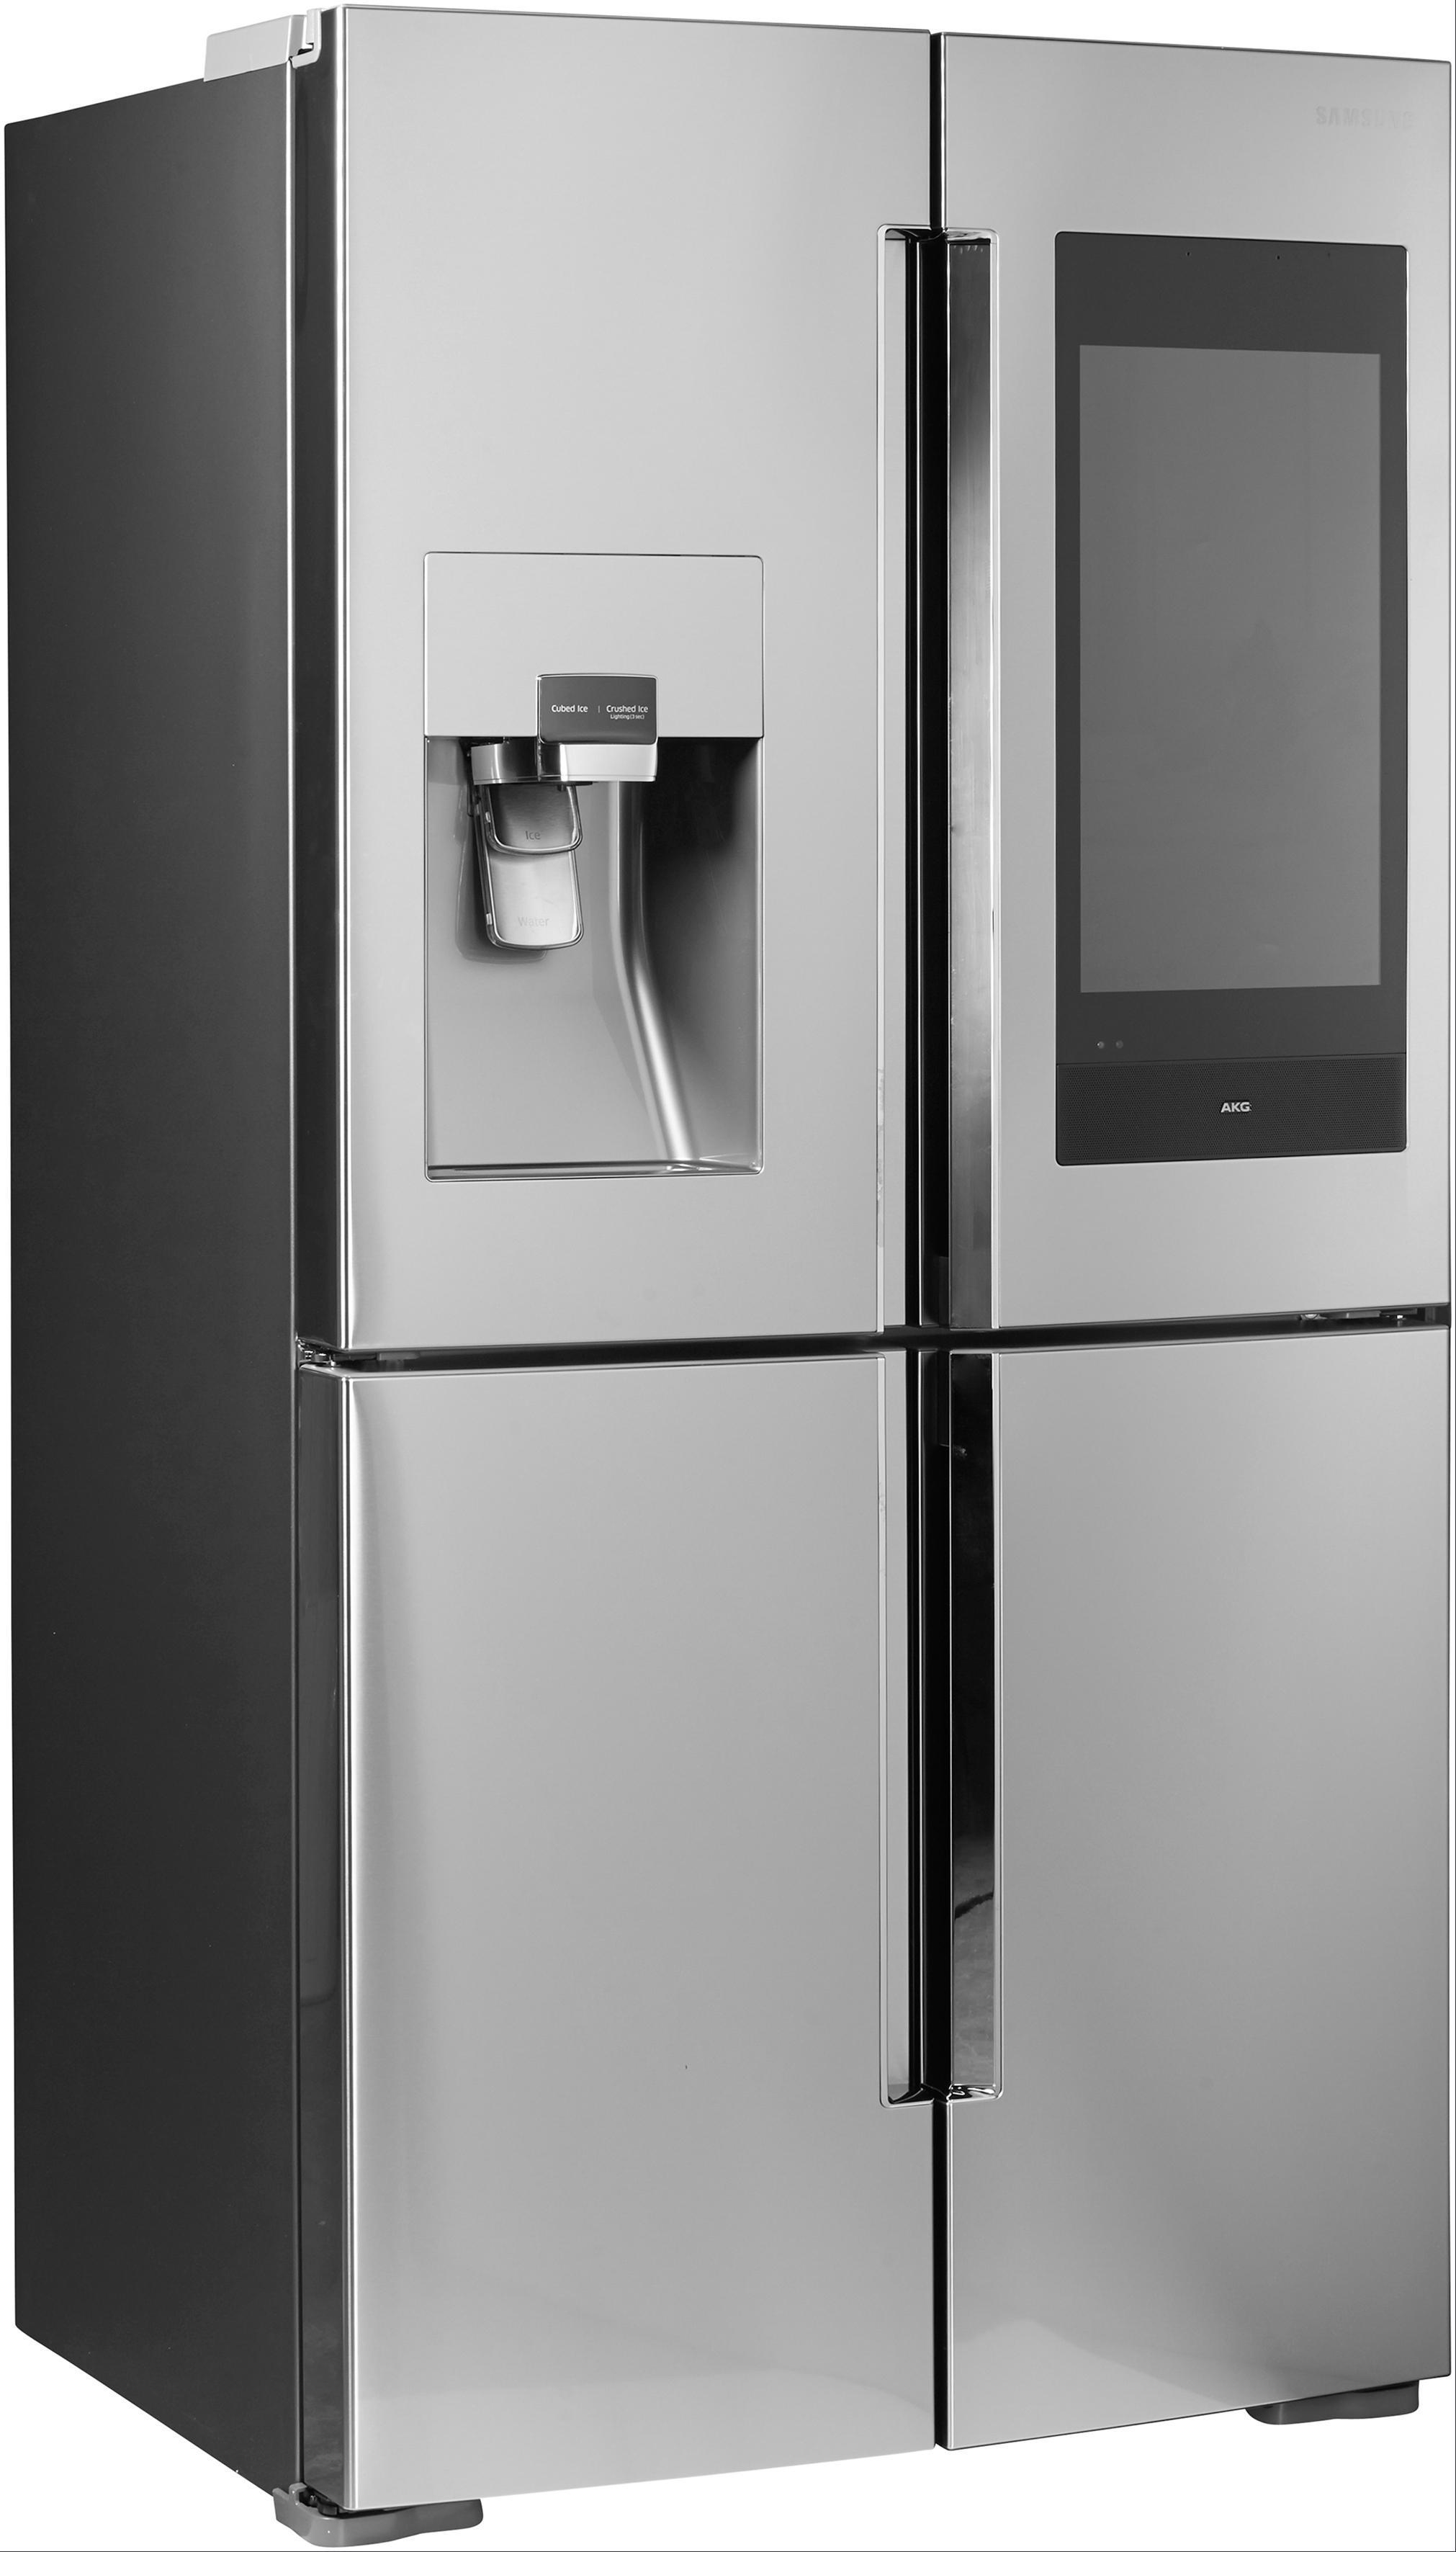 Samsung French Door Kühlschrank, 182,5 cm hoch, 90,8 cm breit